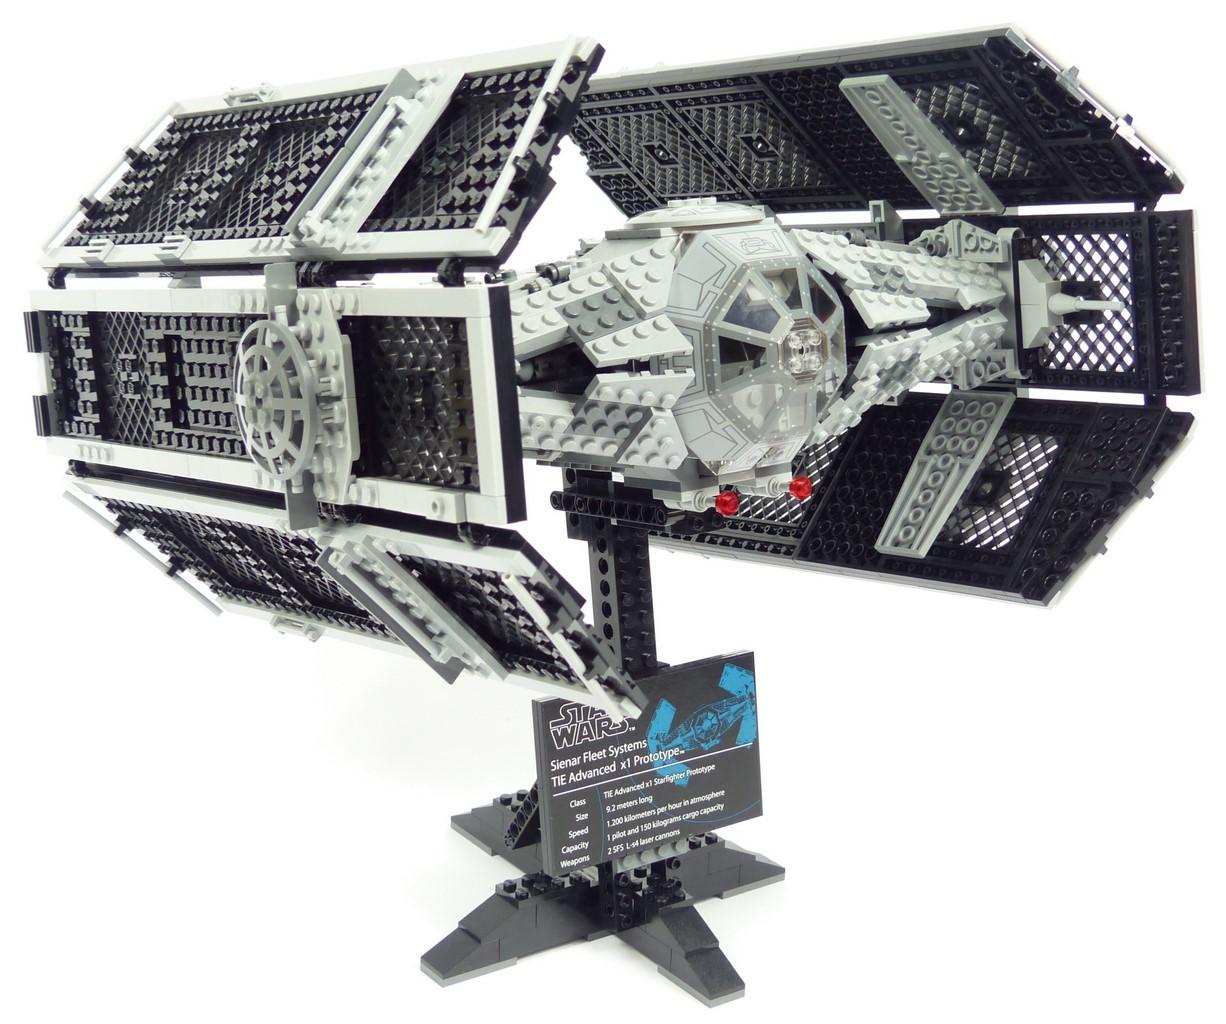 Review lego star wars 10175 tie advanced x1 - Vaisseau de dark vador ...